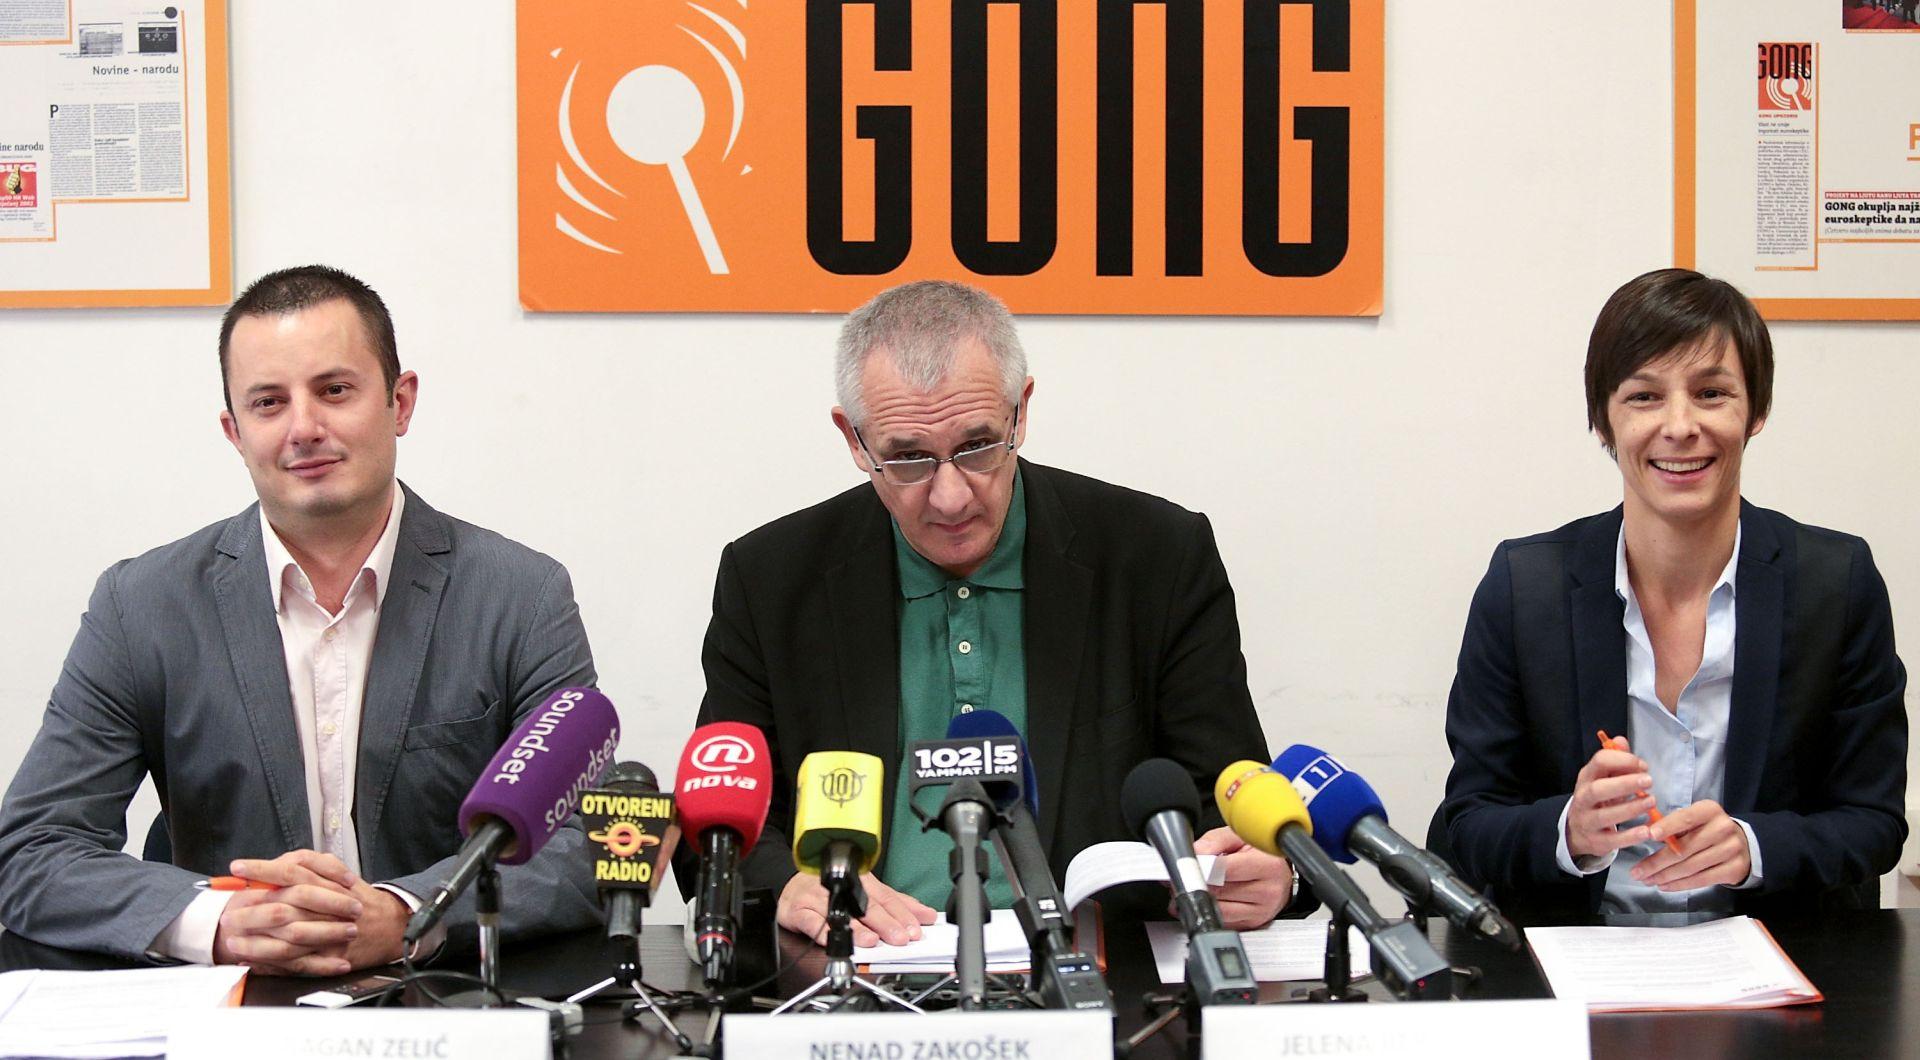 GONG: Neka građani odluče slobodnom voljom na poštenim izborima